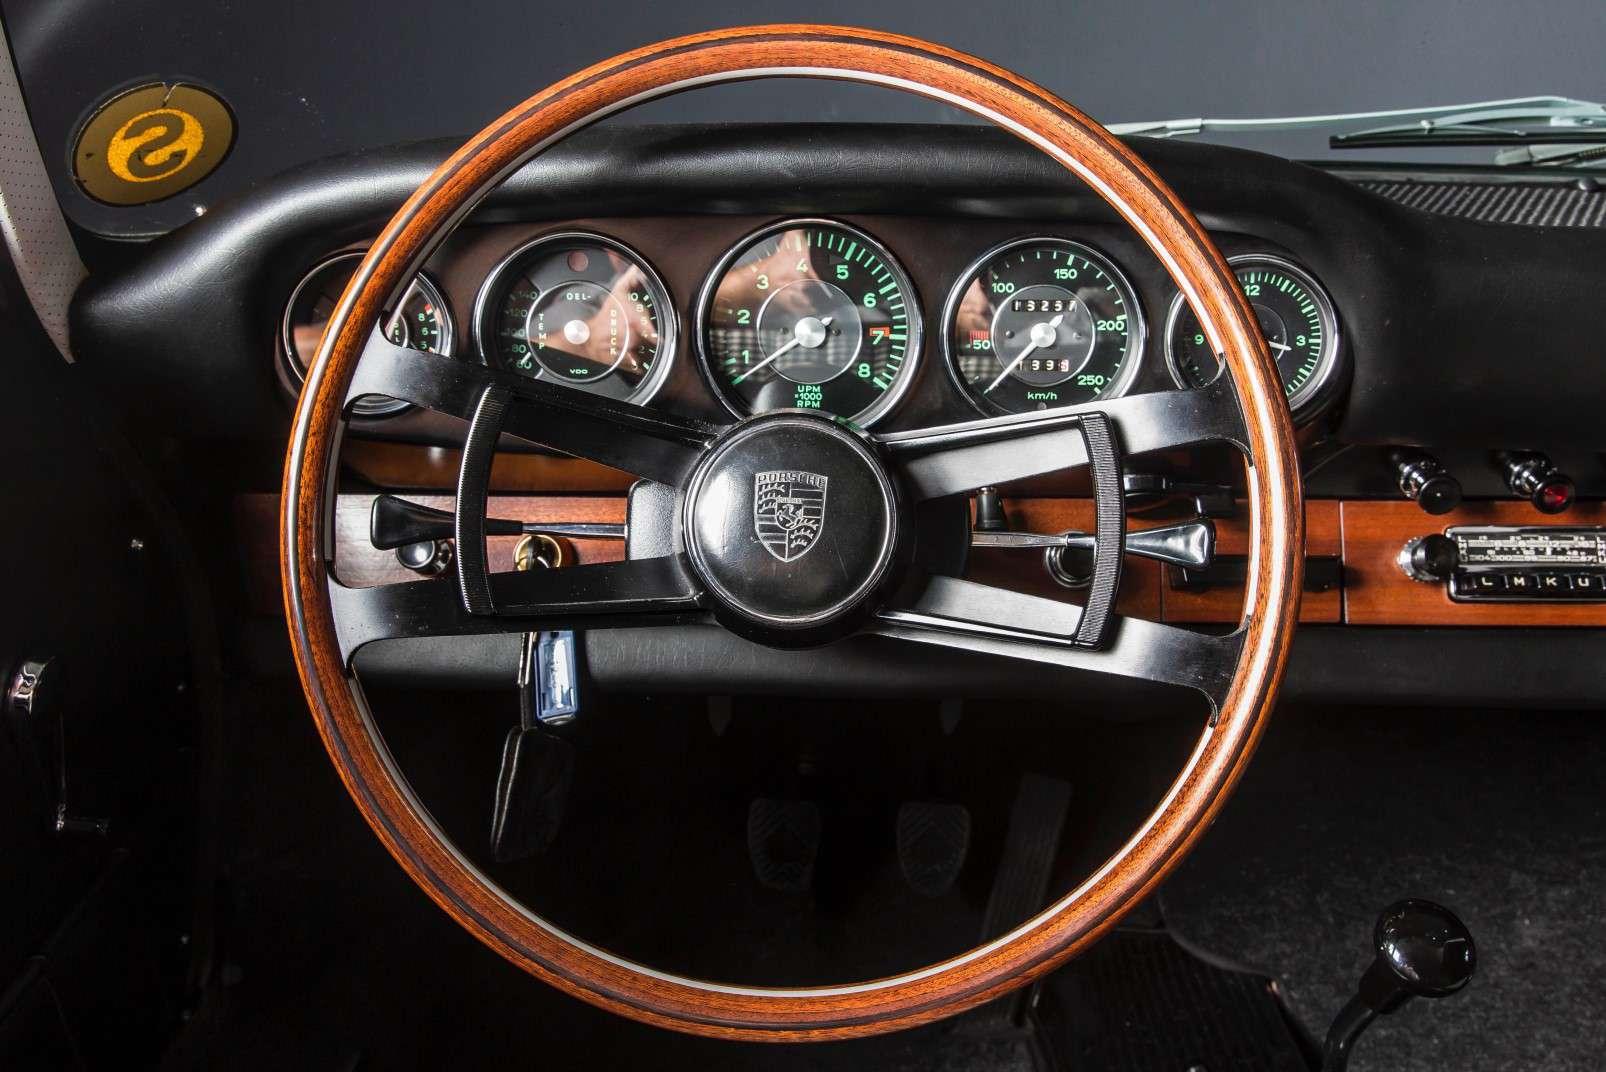 Porsche 911 restoration, interior